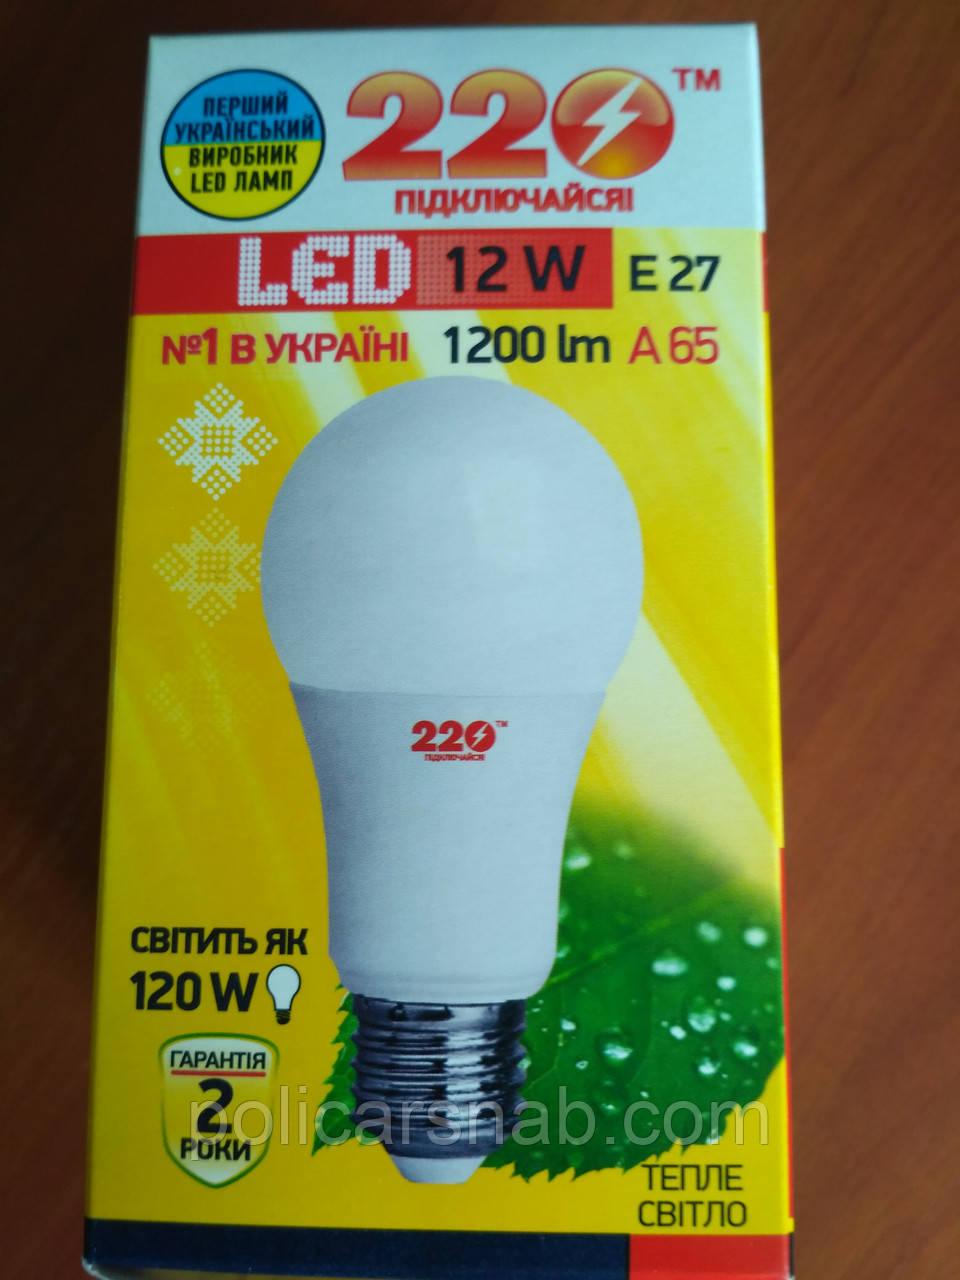 Лампа LED 12 Вт светодиодная 4100K, Е27, 12W 1200Lm А 65 шар